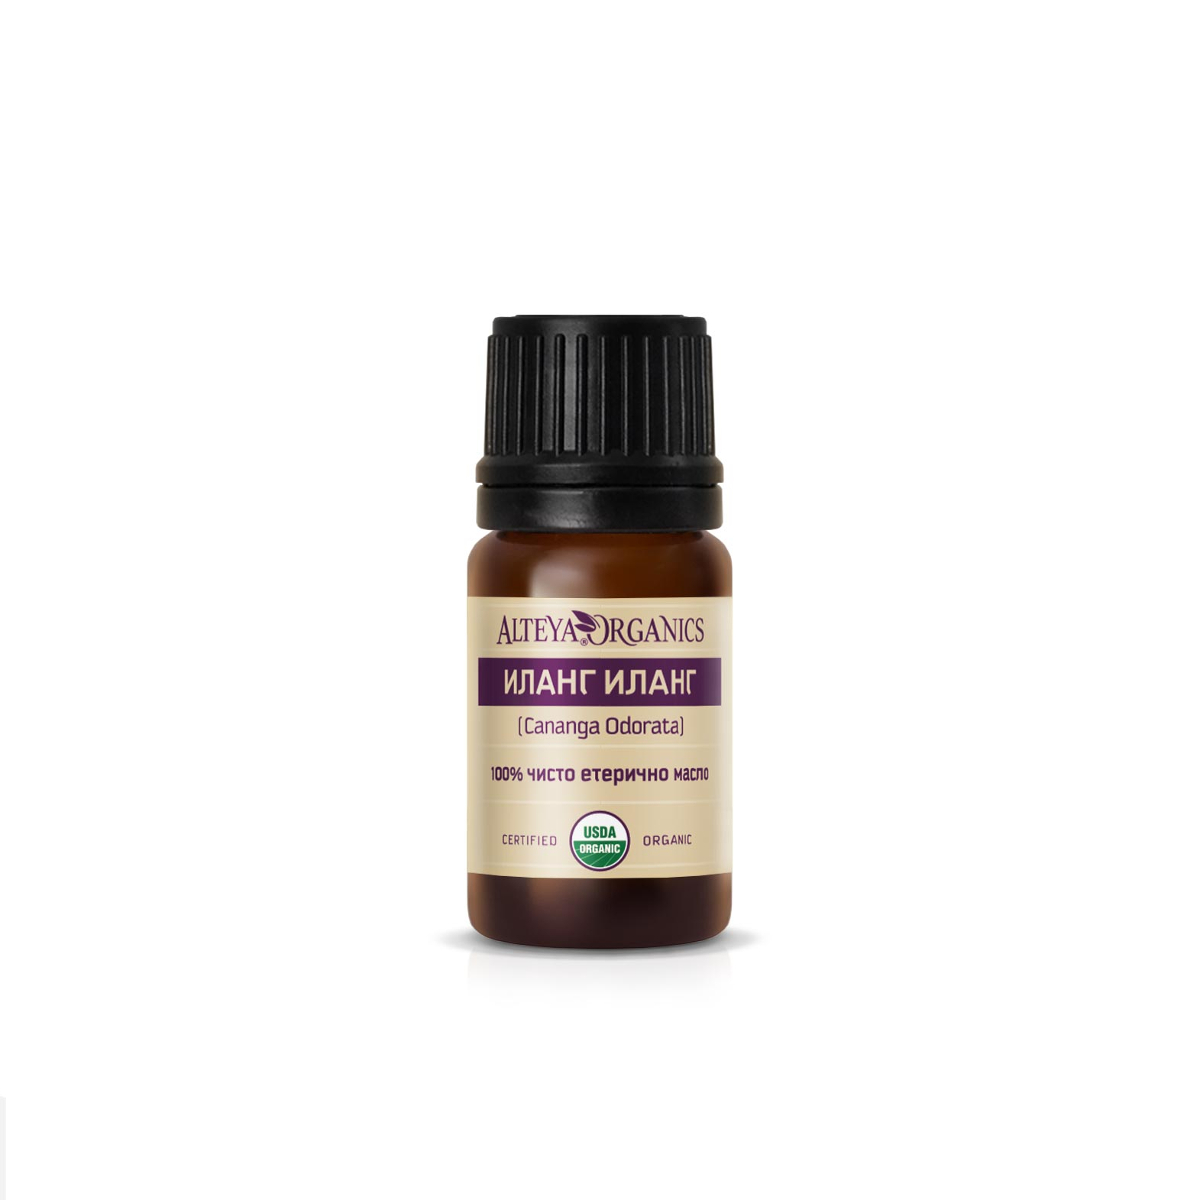 Bio Organic Essential Ylang Ylang Oil Alteya Organics